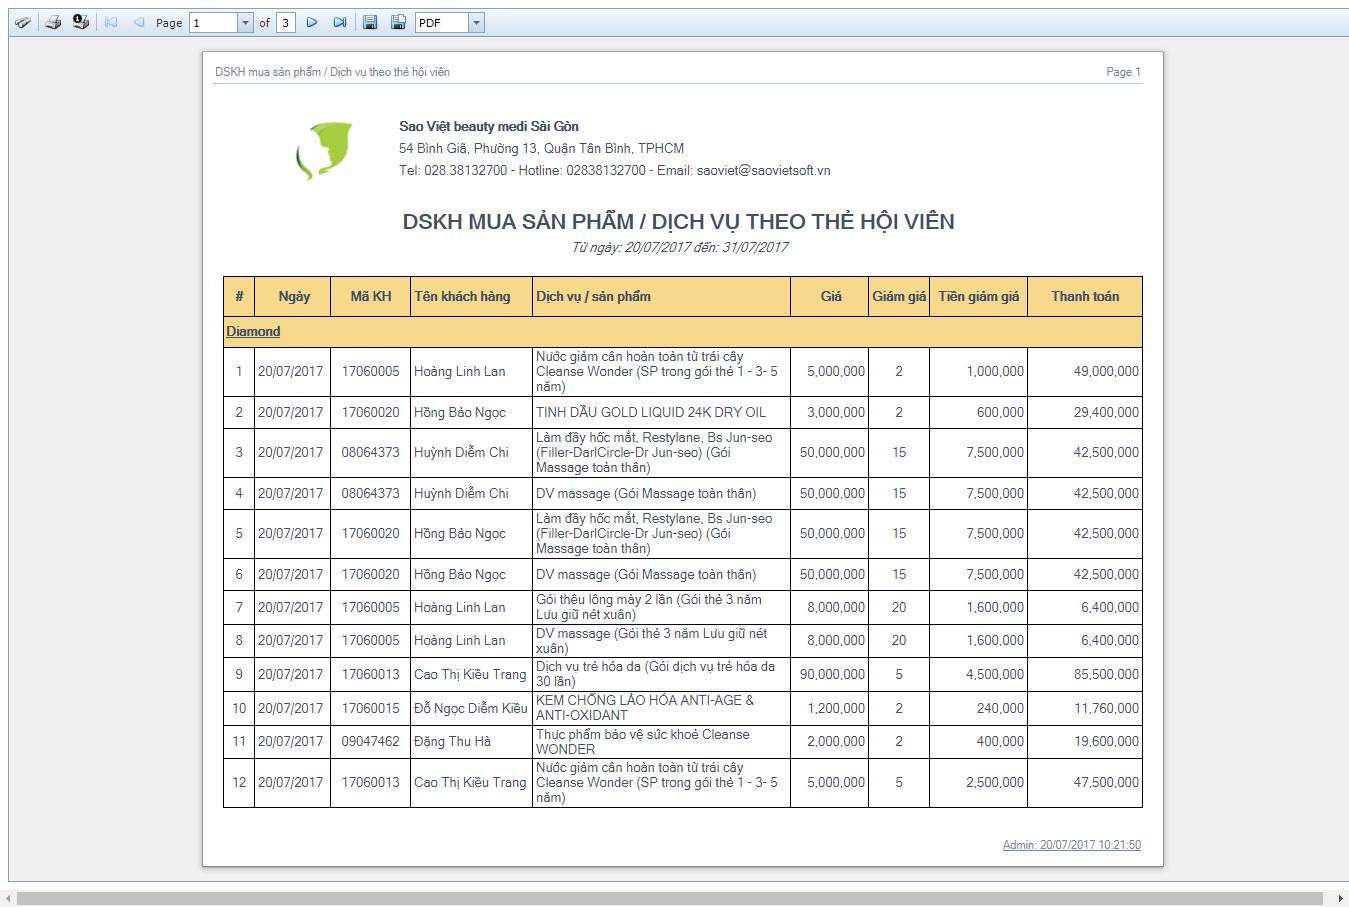 DSKH mua sản phẩm / dịch vụ theo thẻ hội viên